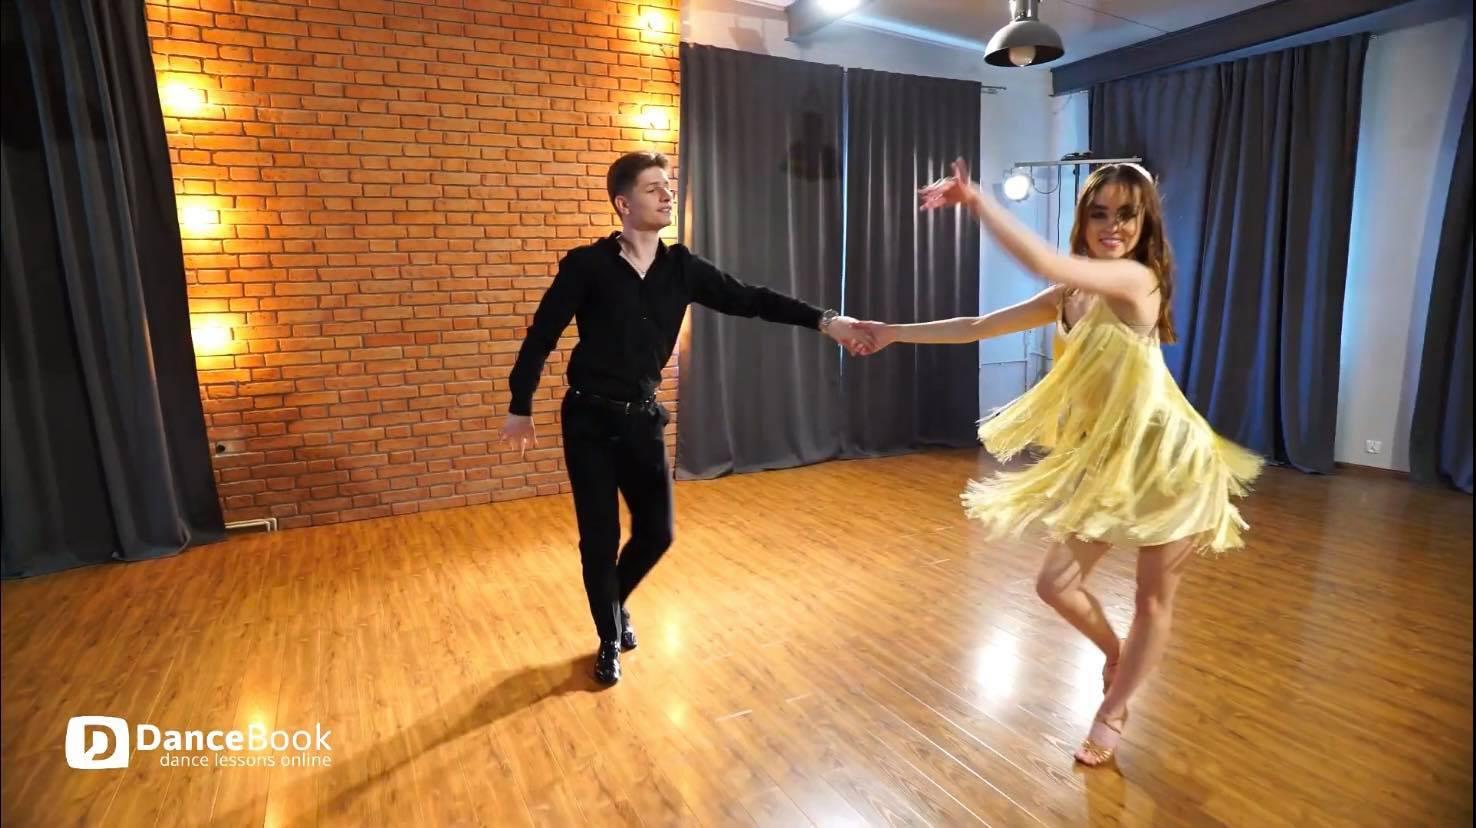 NOWOSC! Polska propozycja na Pierwszy Taniec - Pierwszy Taniec do utworu Bo To Miłość